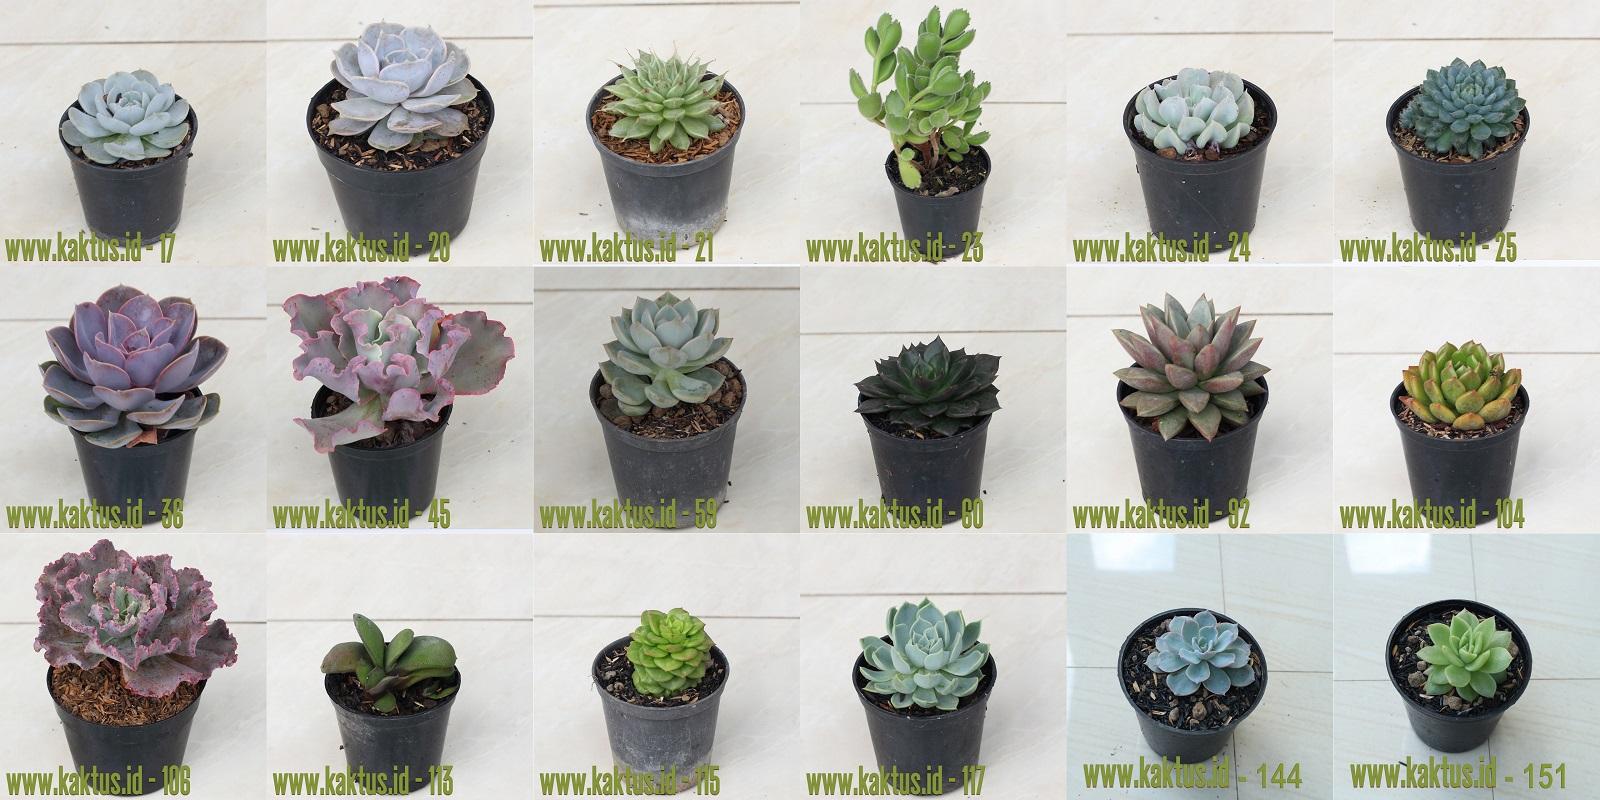 Jual Kaktus Lembang Berkualitas Www Kaktus Id